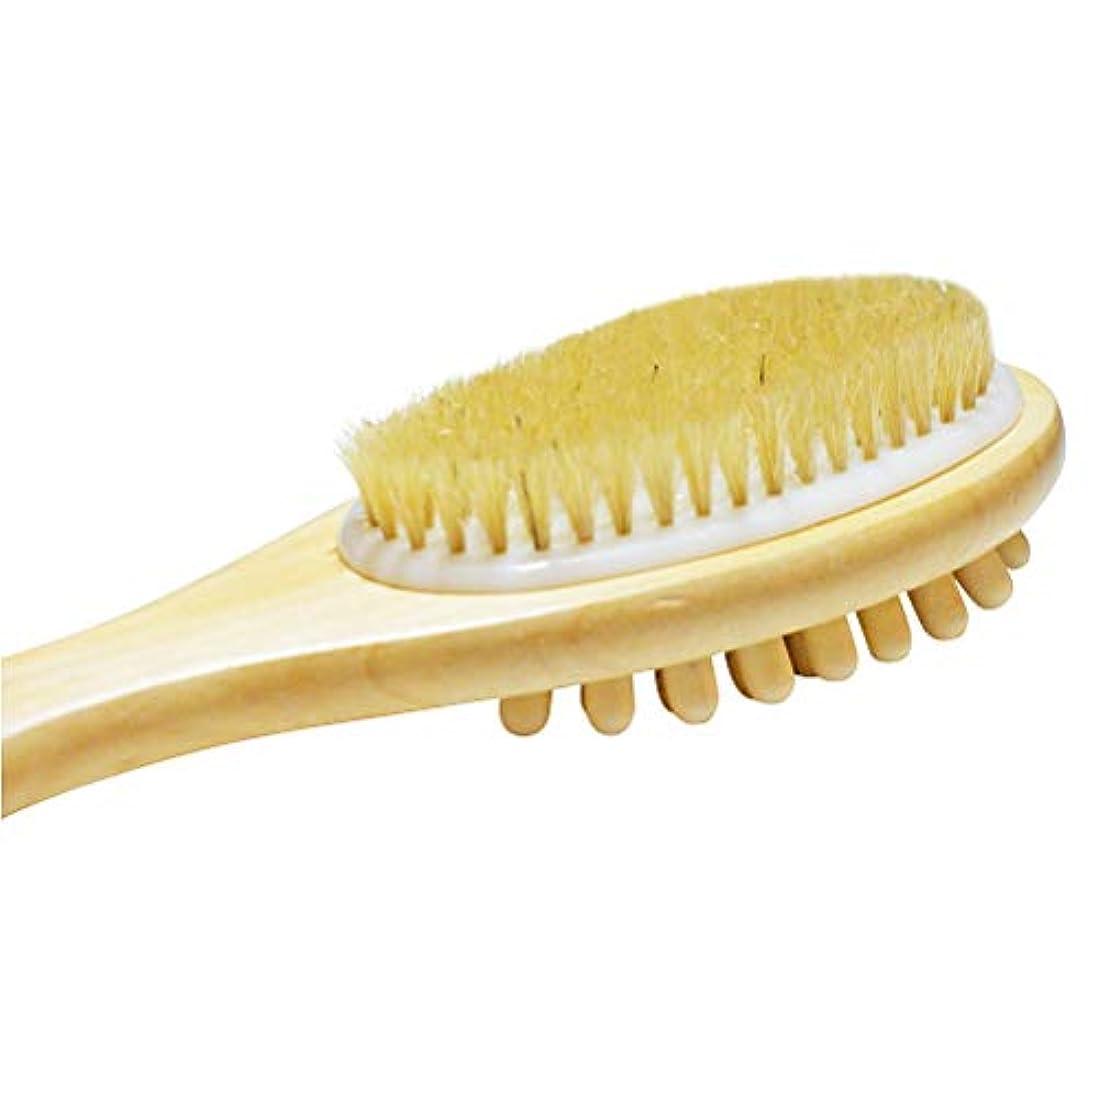 インタビュー価値ベアリングTOPBATHY 長いハンドルが付いている木の二重味方された浴室のシャワーの剛毛のブラシのマッサージボディブラシ